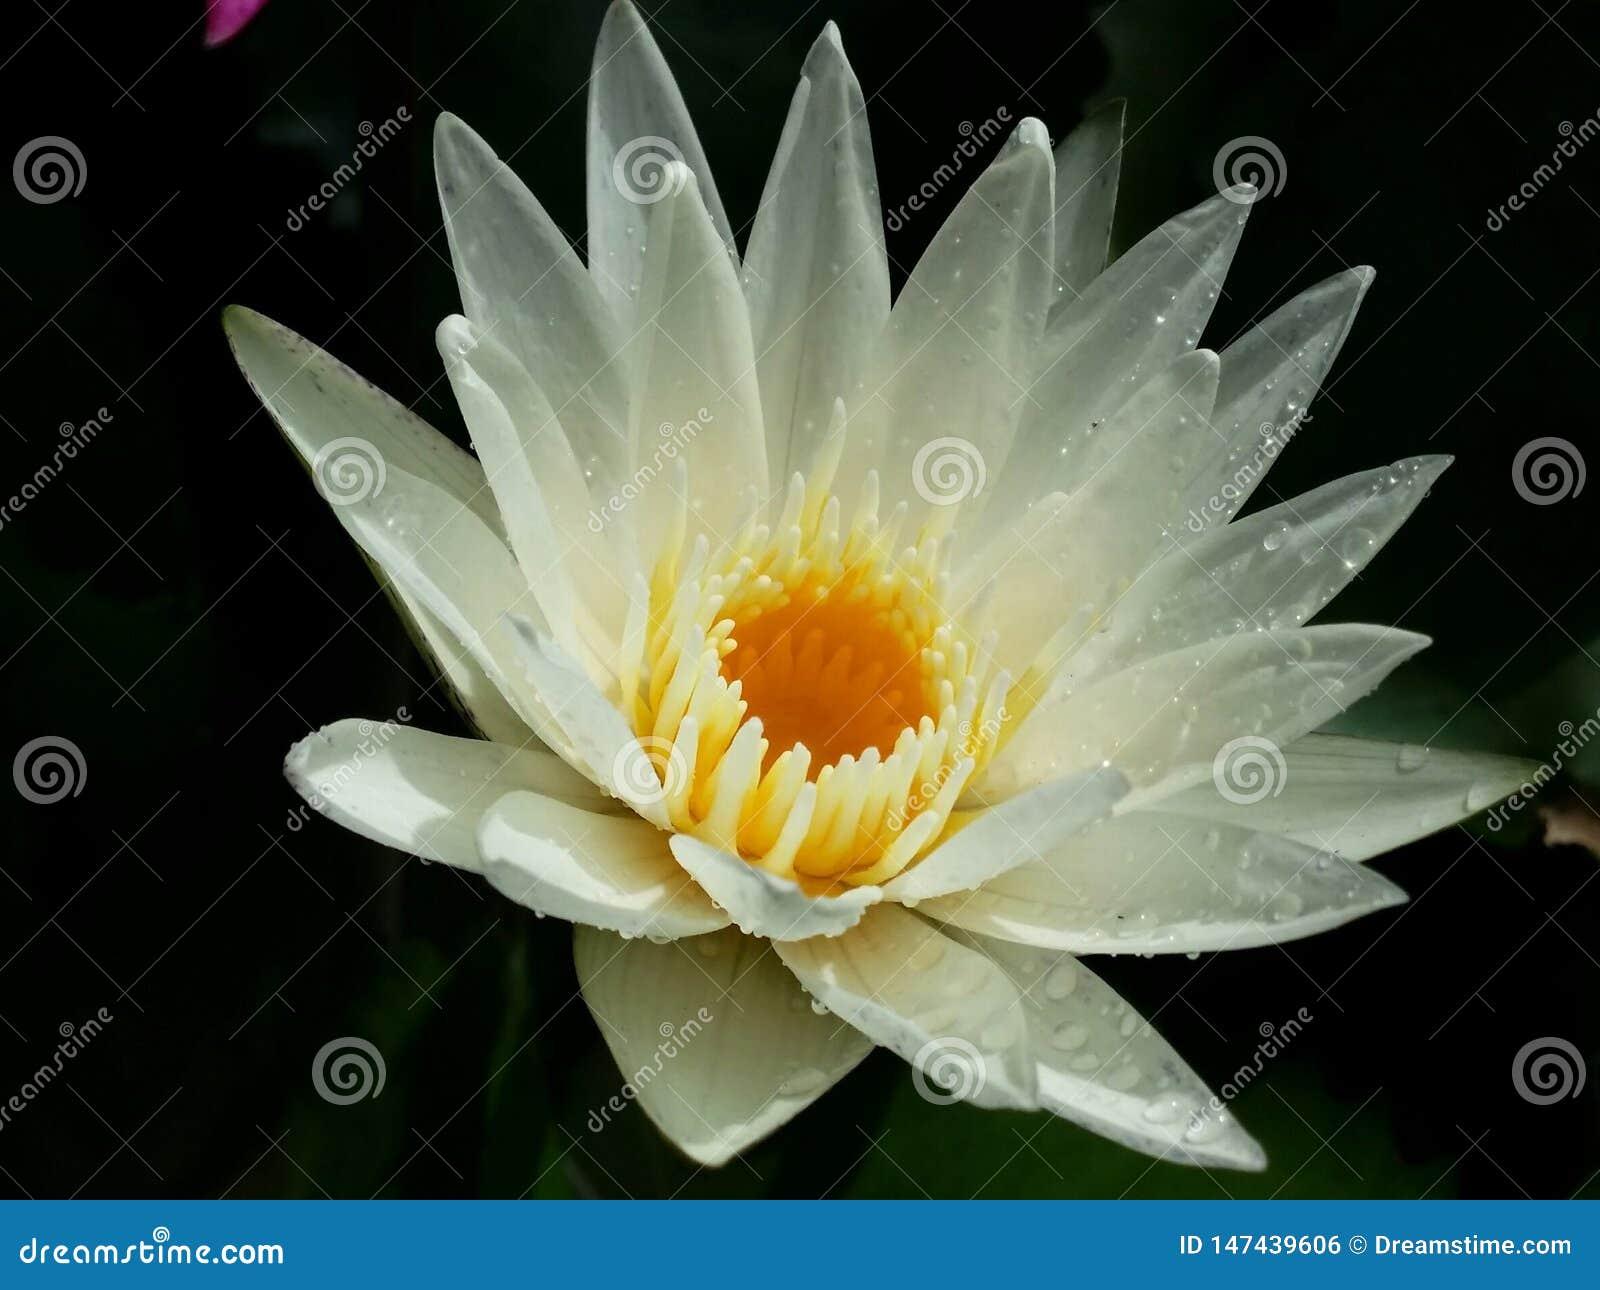 I fiori di loto bianco sono piena fioritura, molto bella